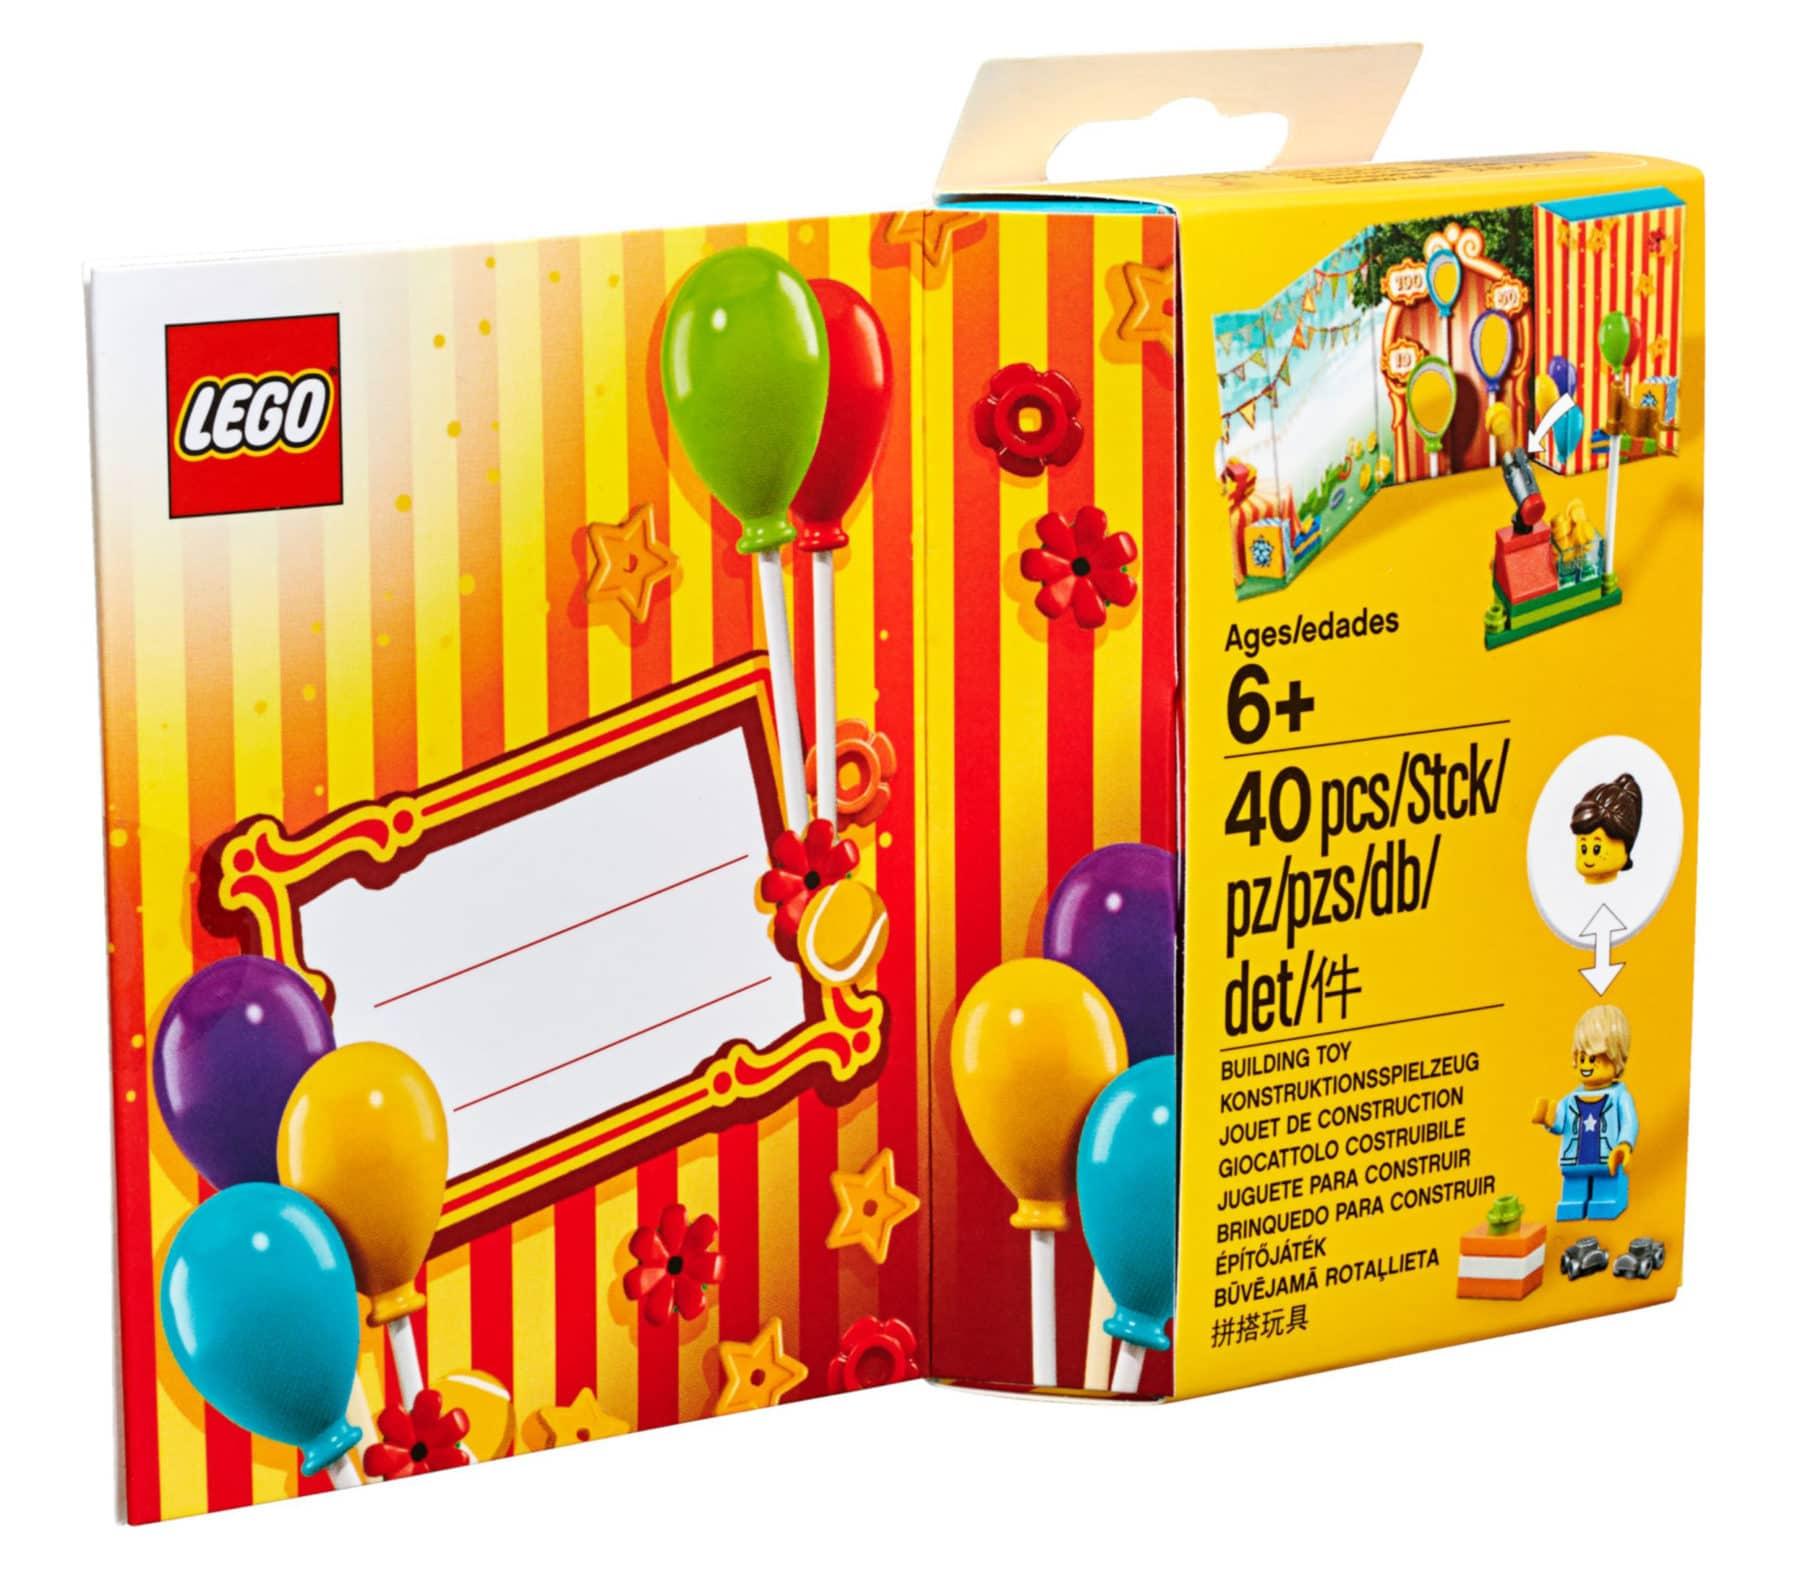 LEGO Torwandschießen